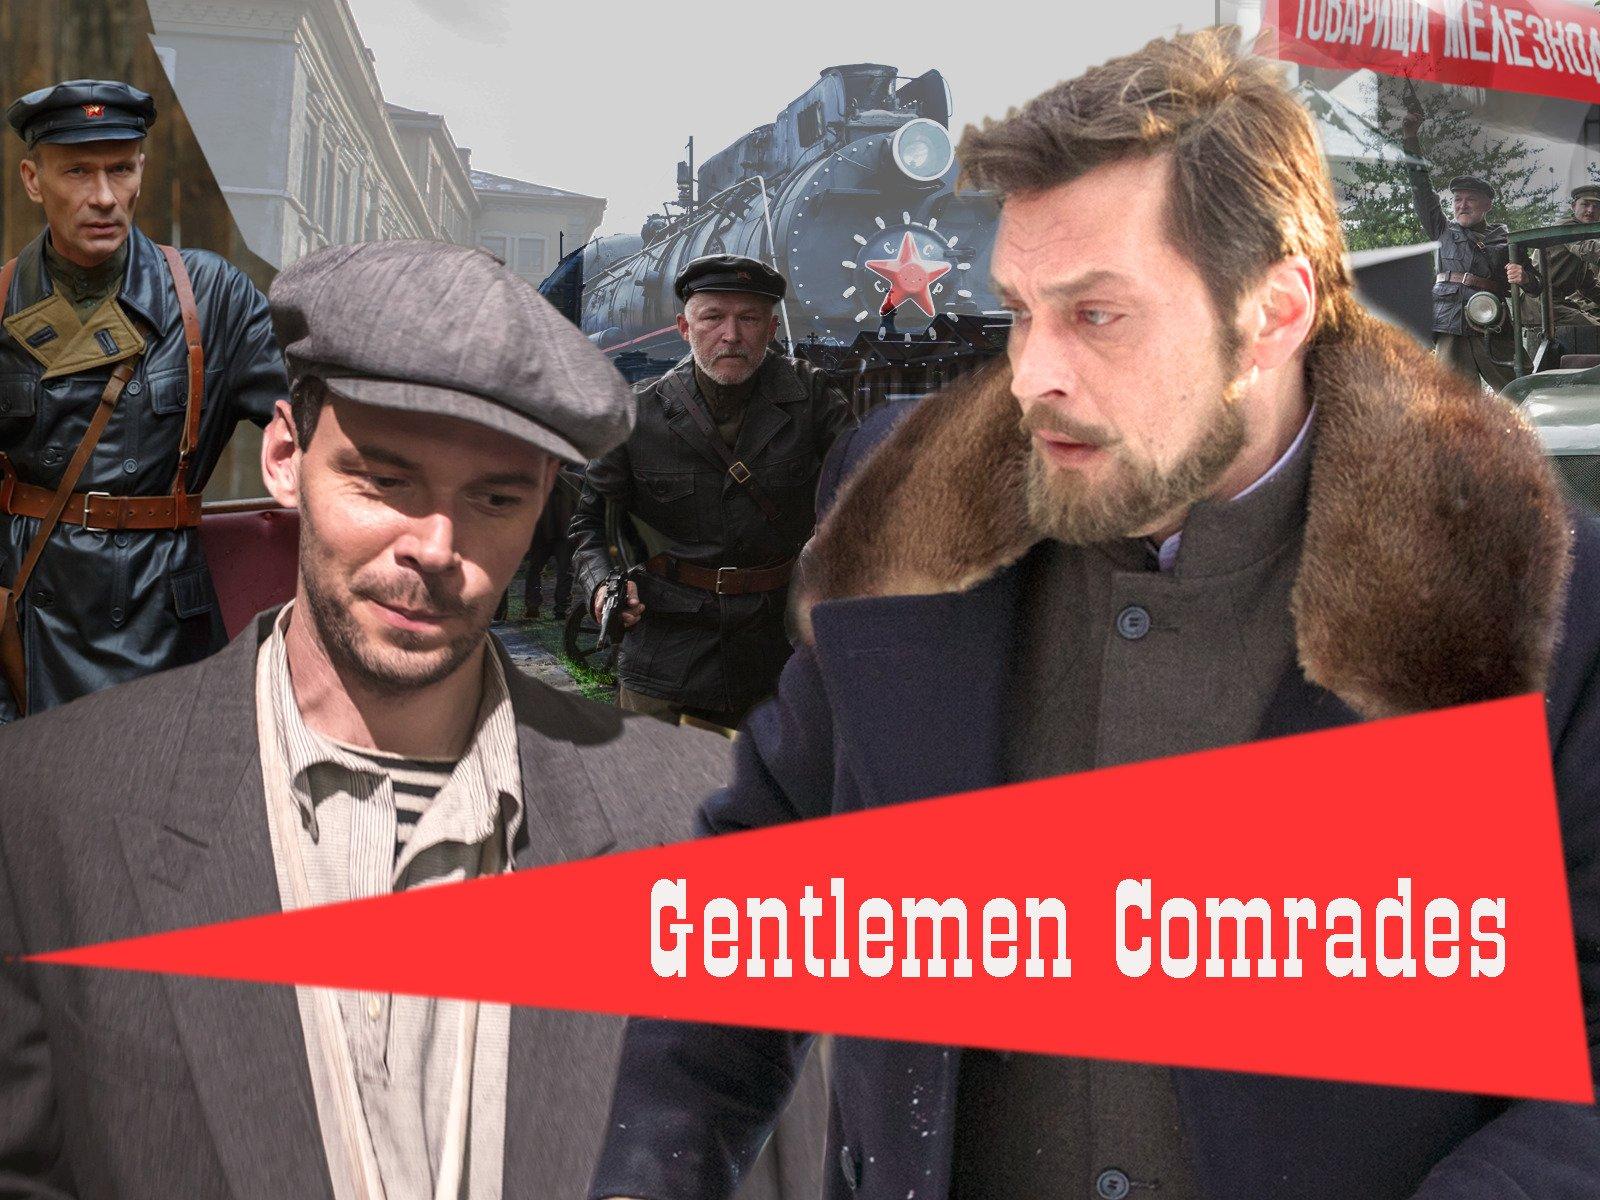 Gentlemen Comrades